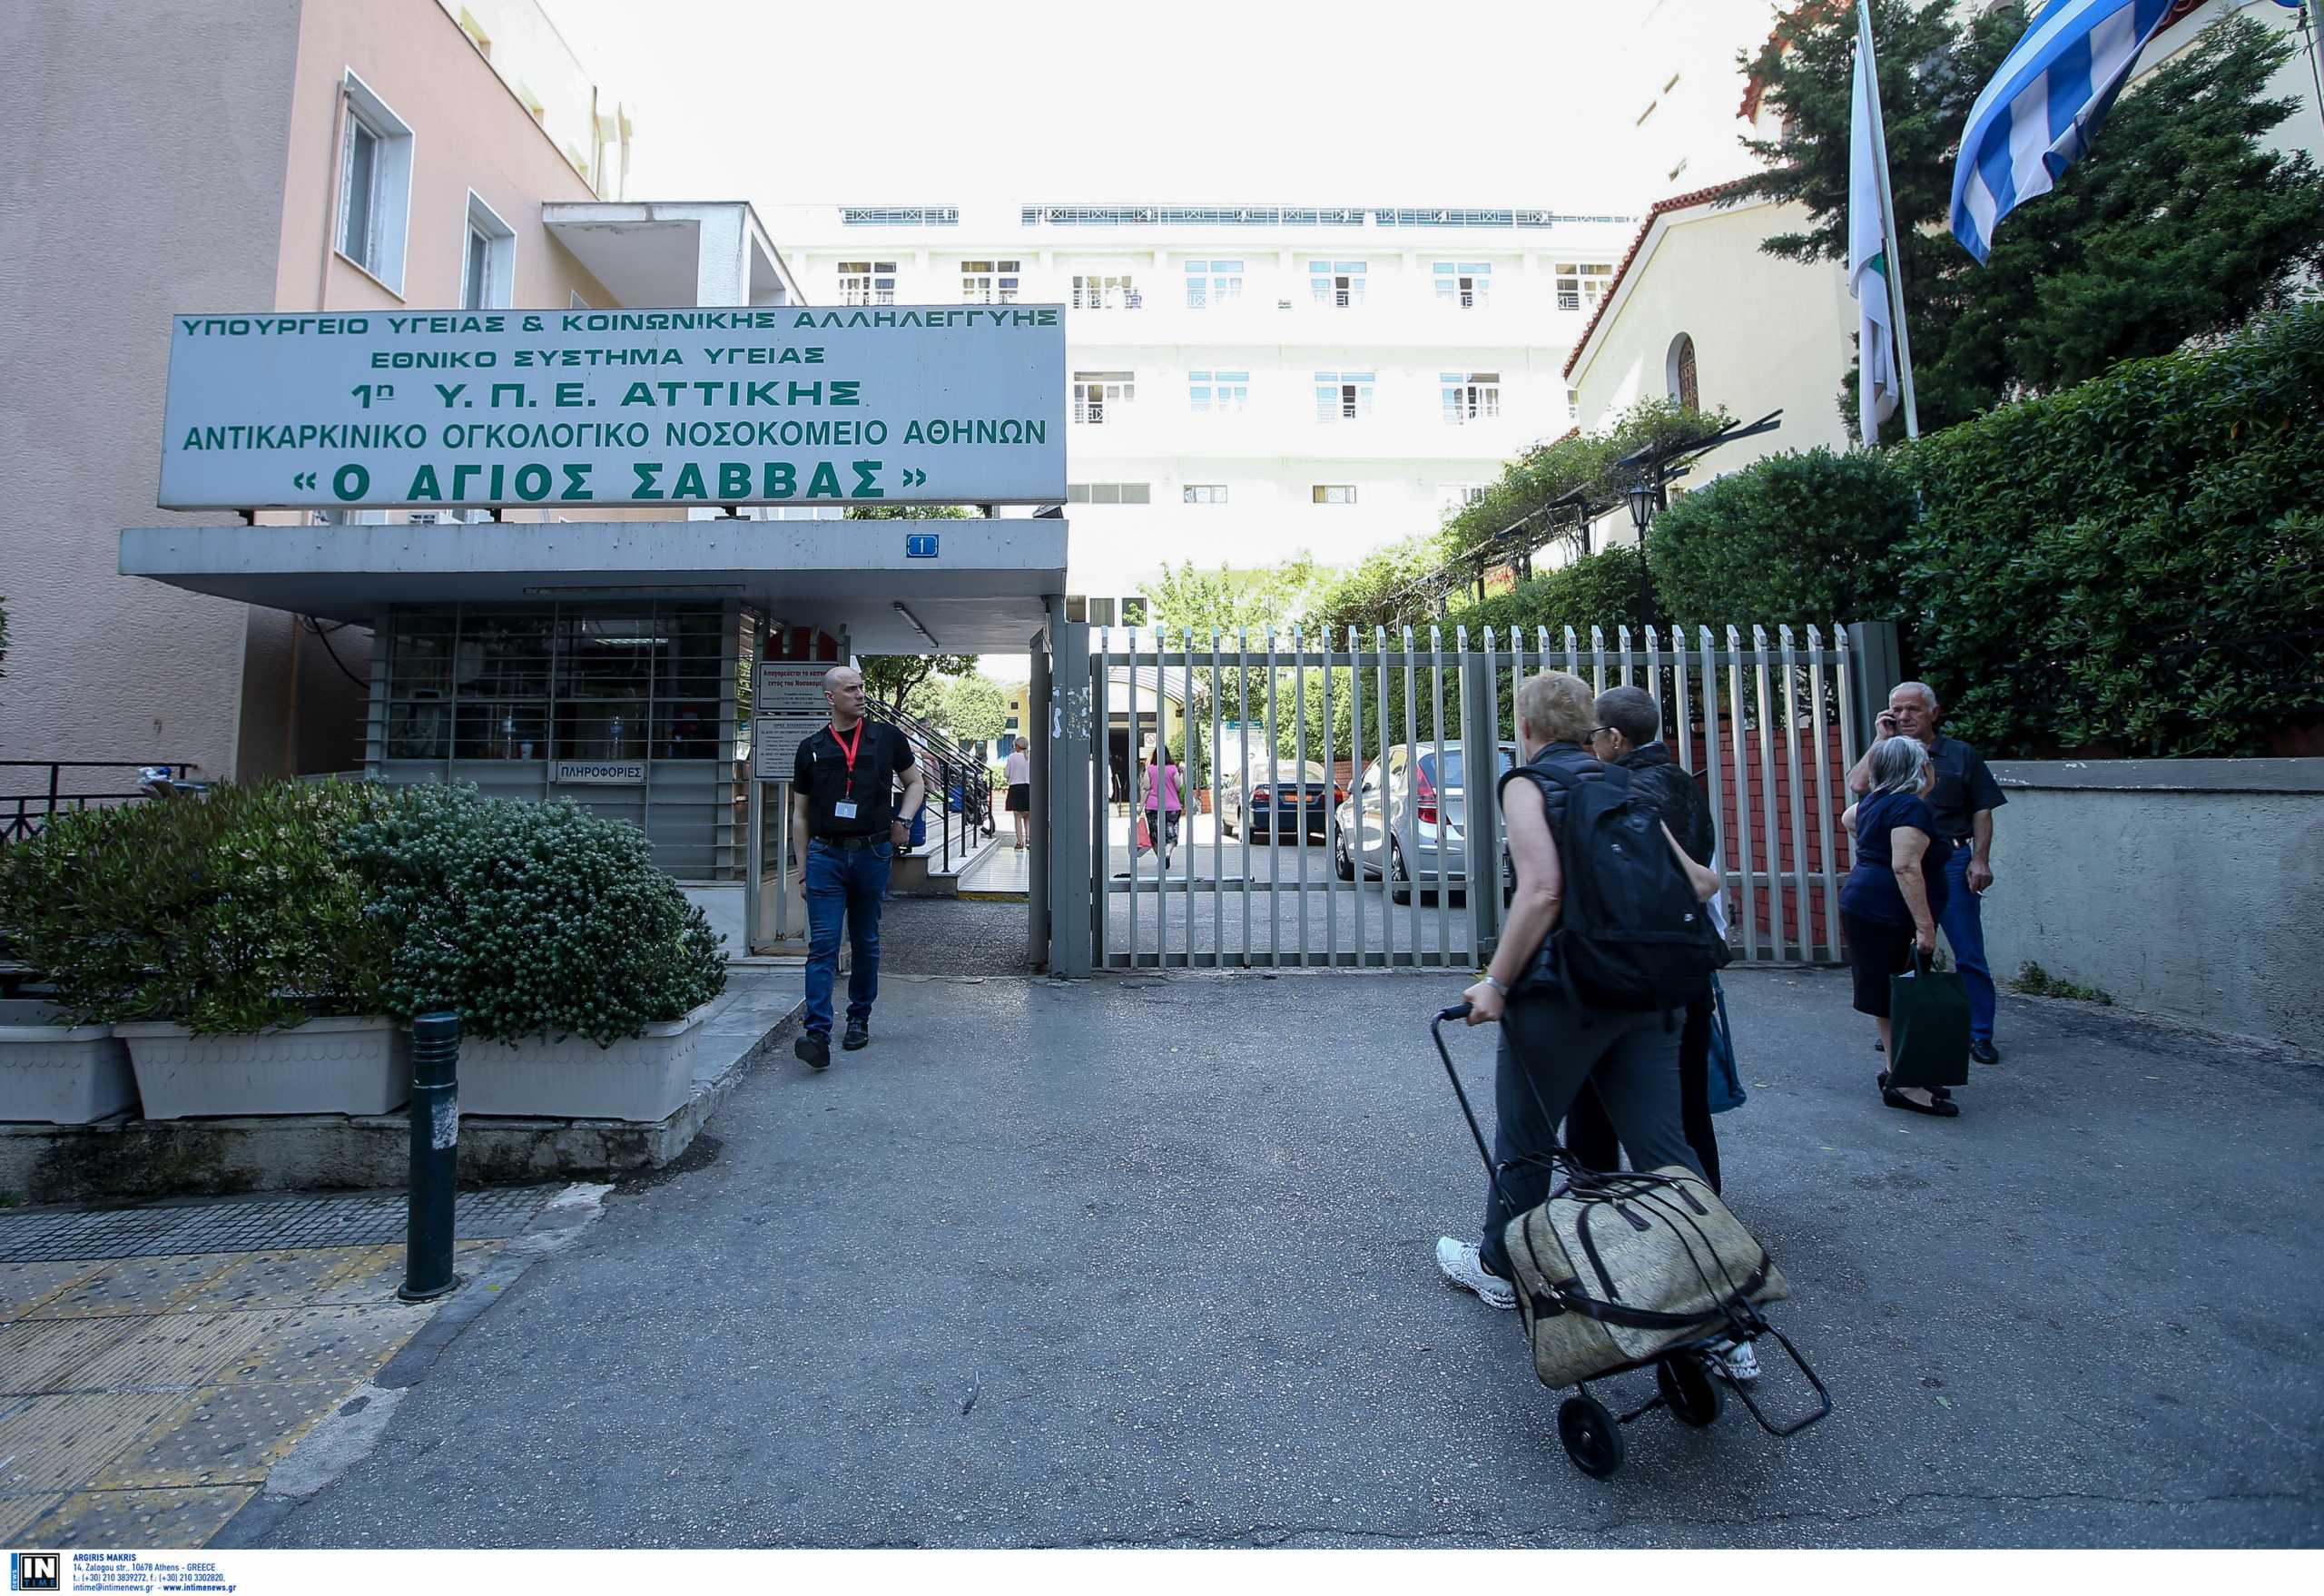 Άγιος Σάββας: Συνοδός ασθενούς δάγκωσε φύλακα